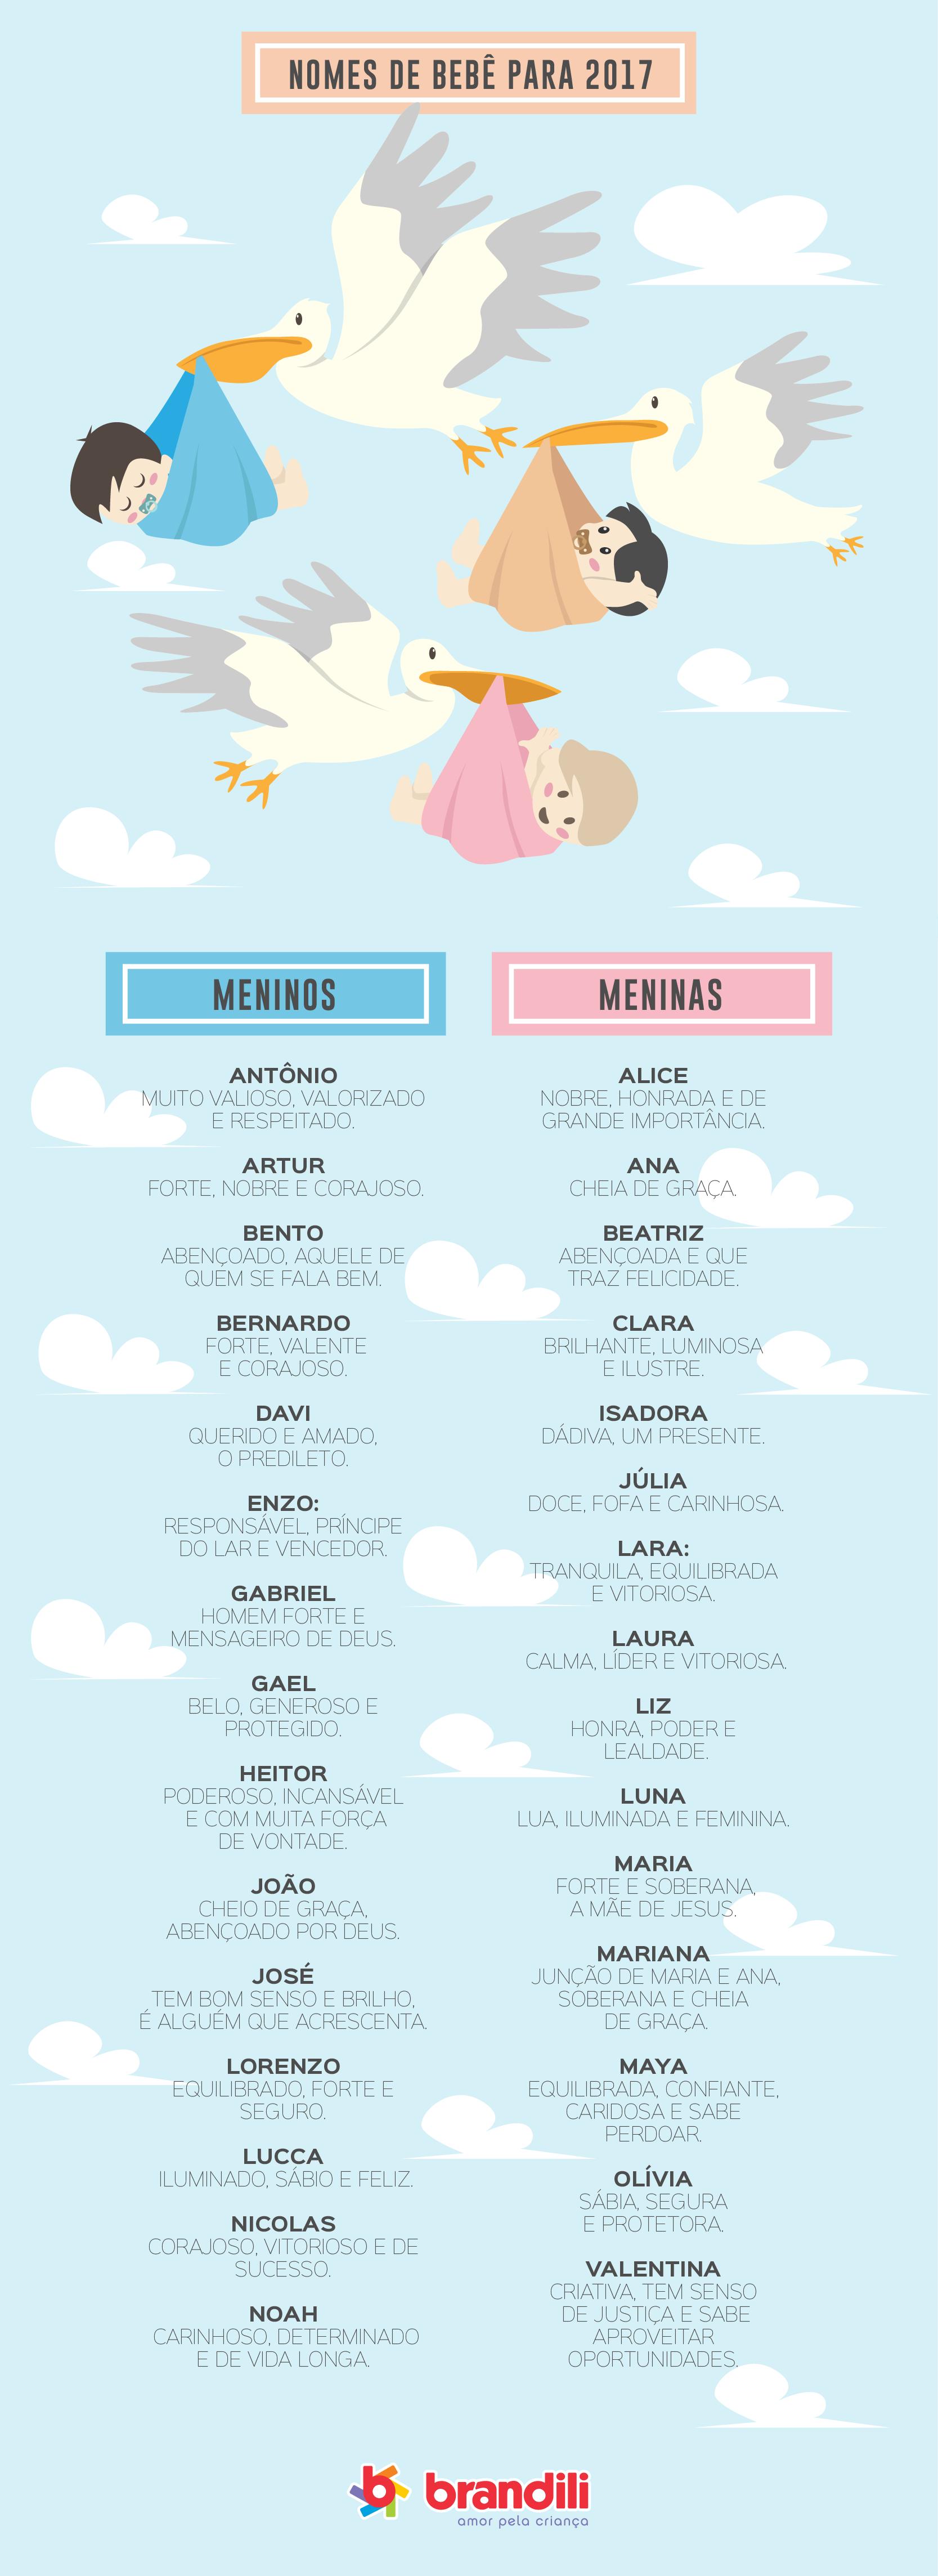 Os nomes de bebê que são tendência em 2017